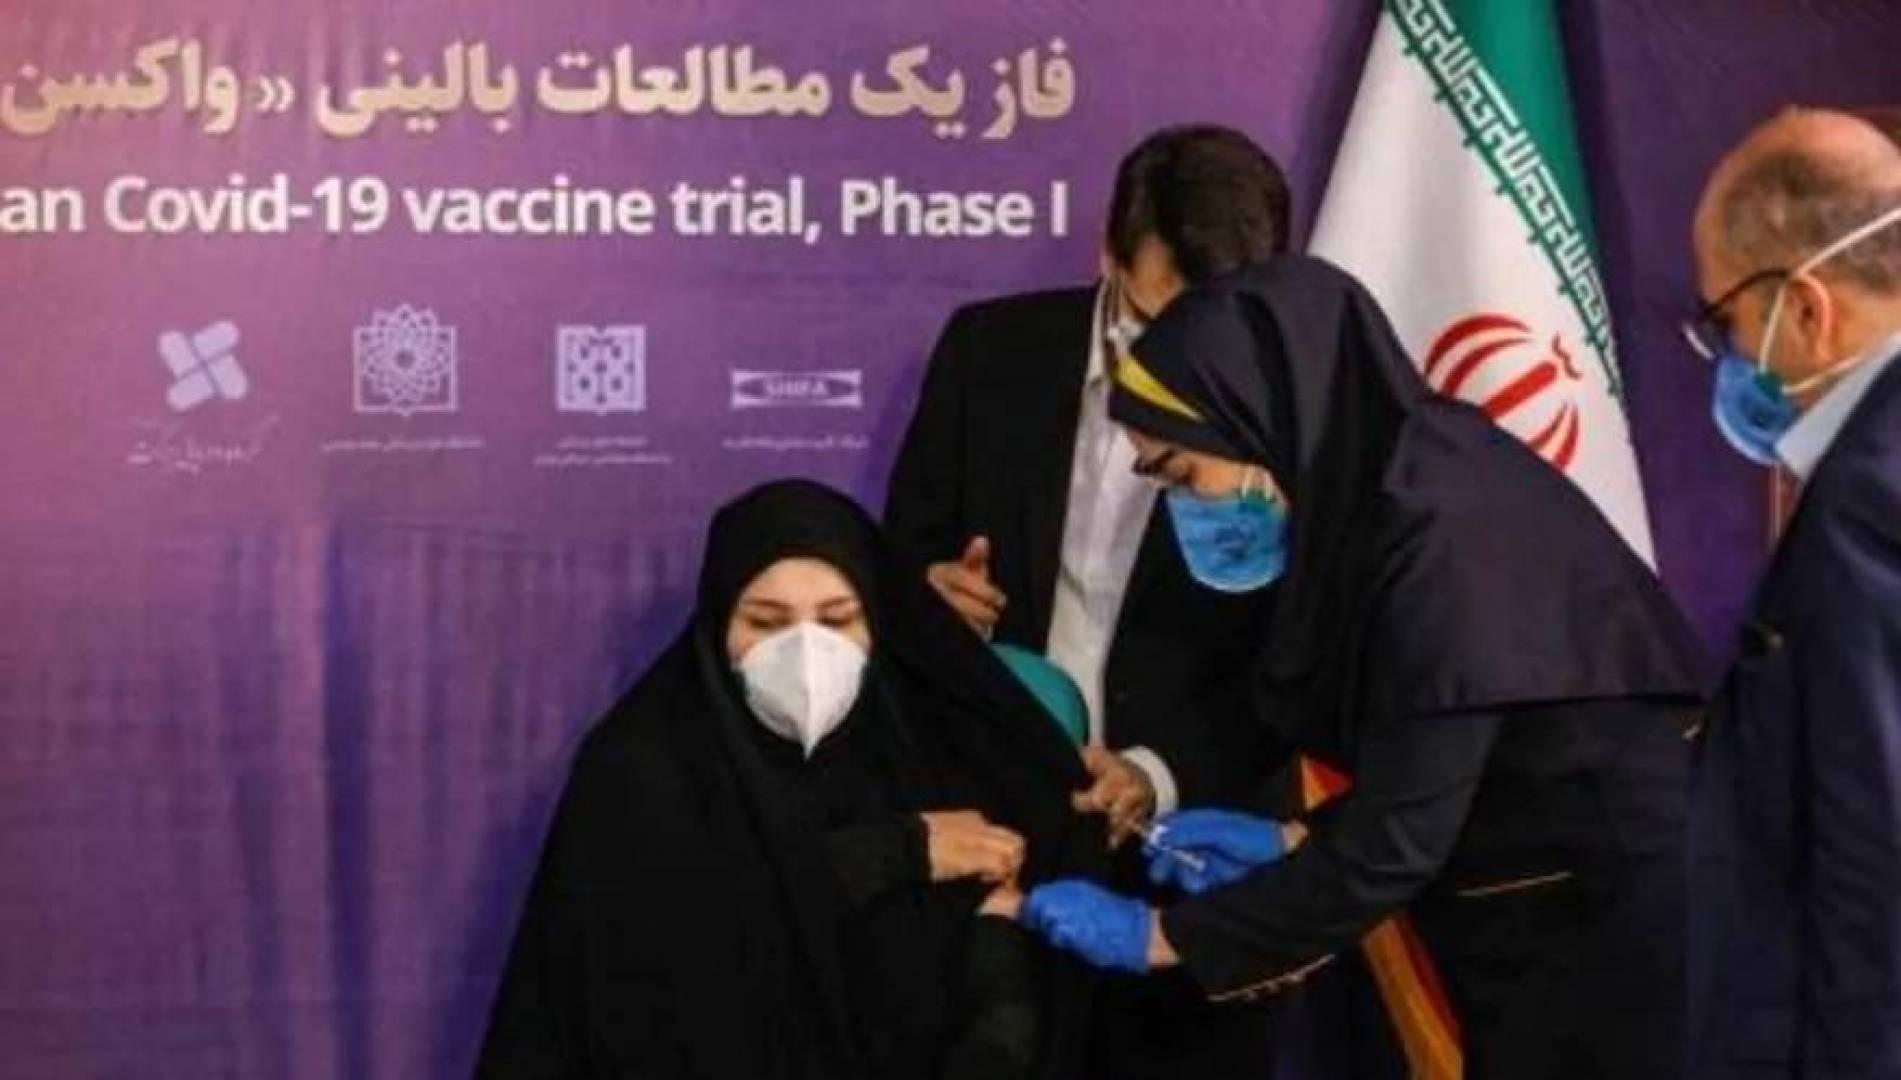 إيران تبدأ تجارب بشرية على أول لقاح محلي لكورونا